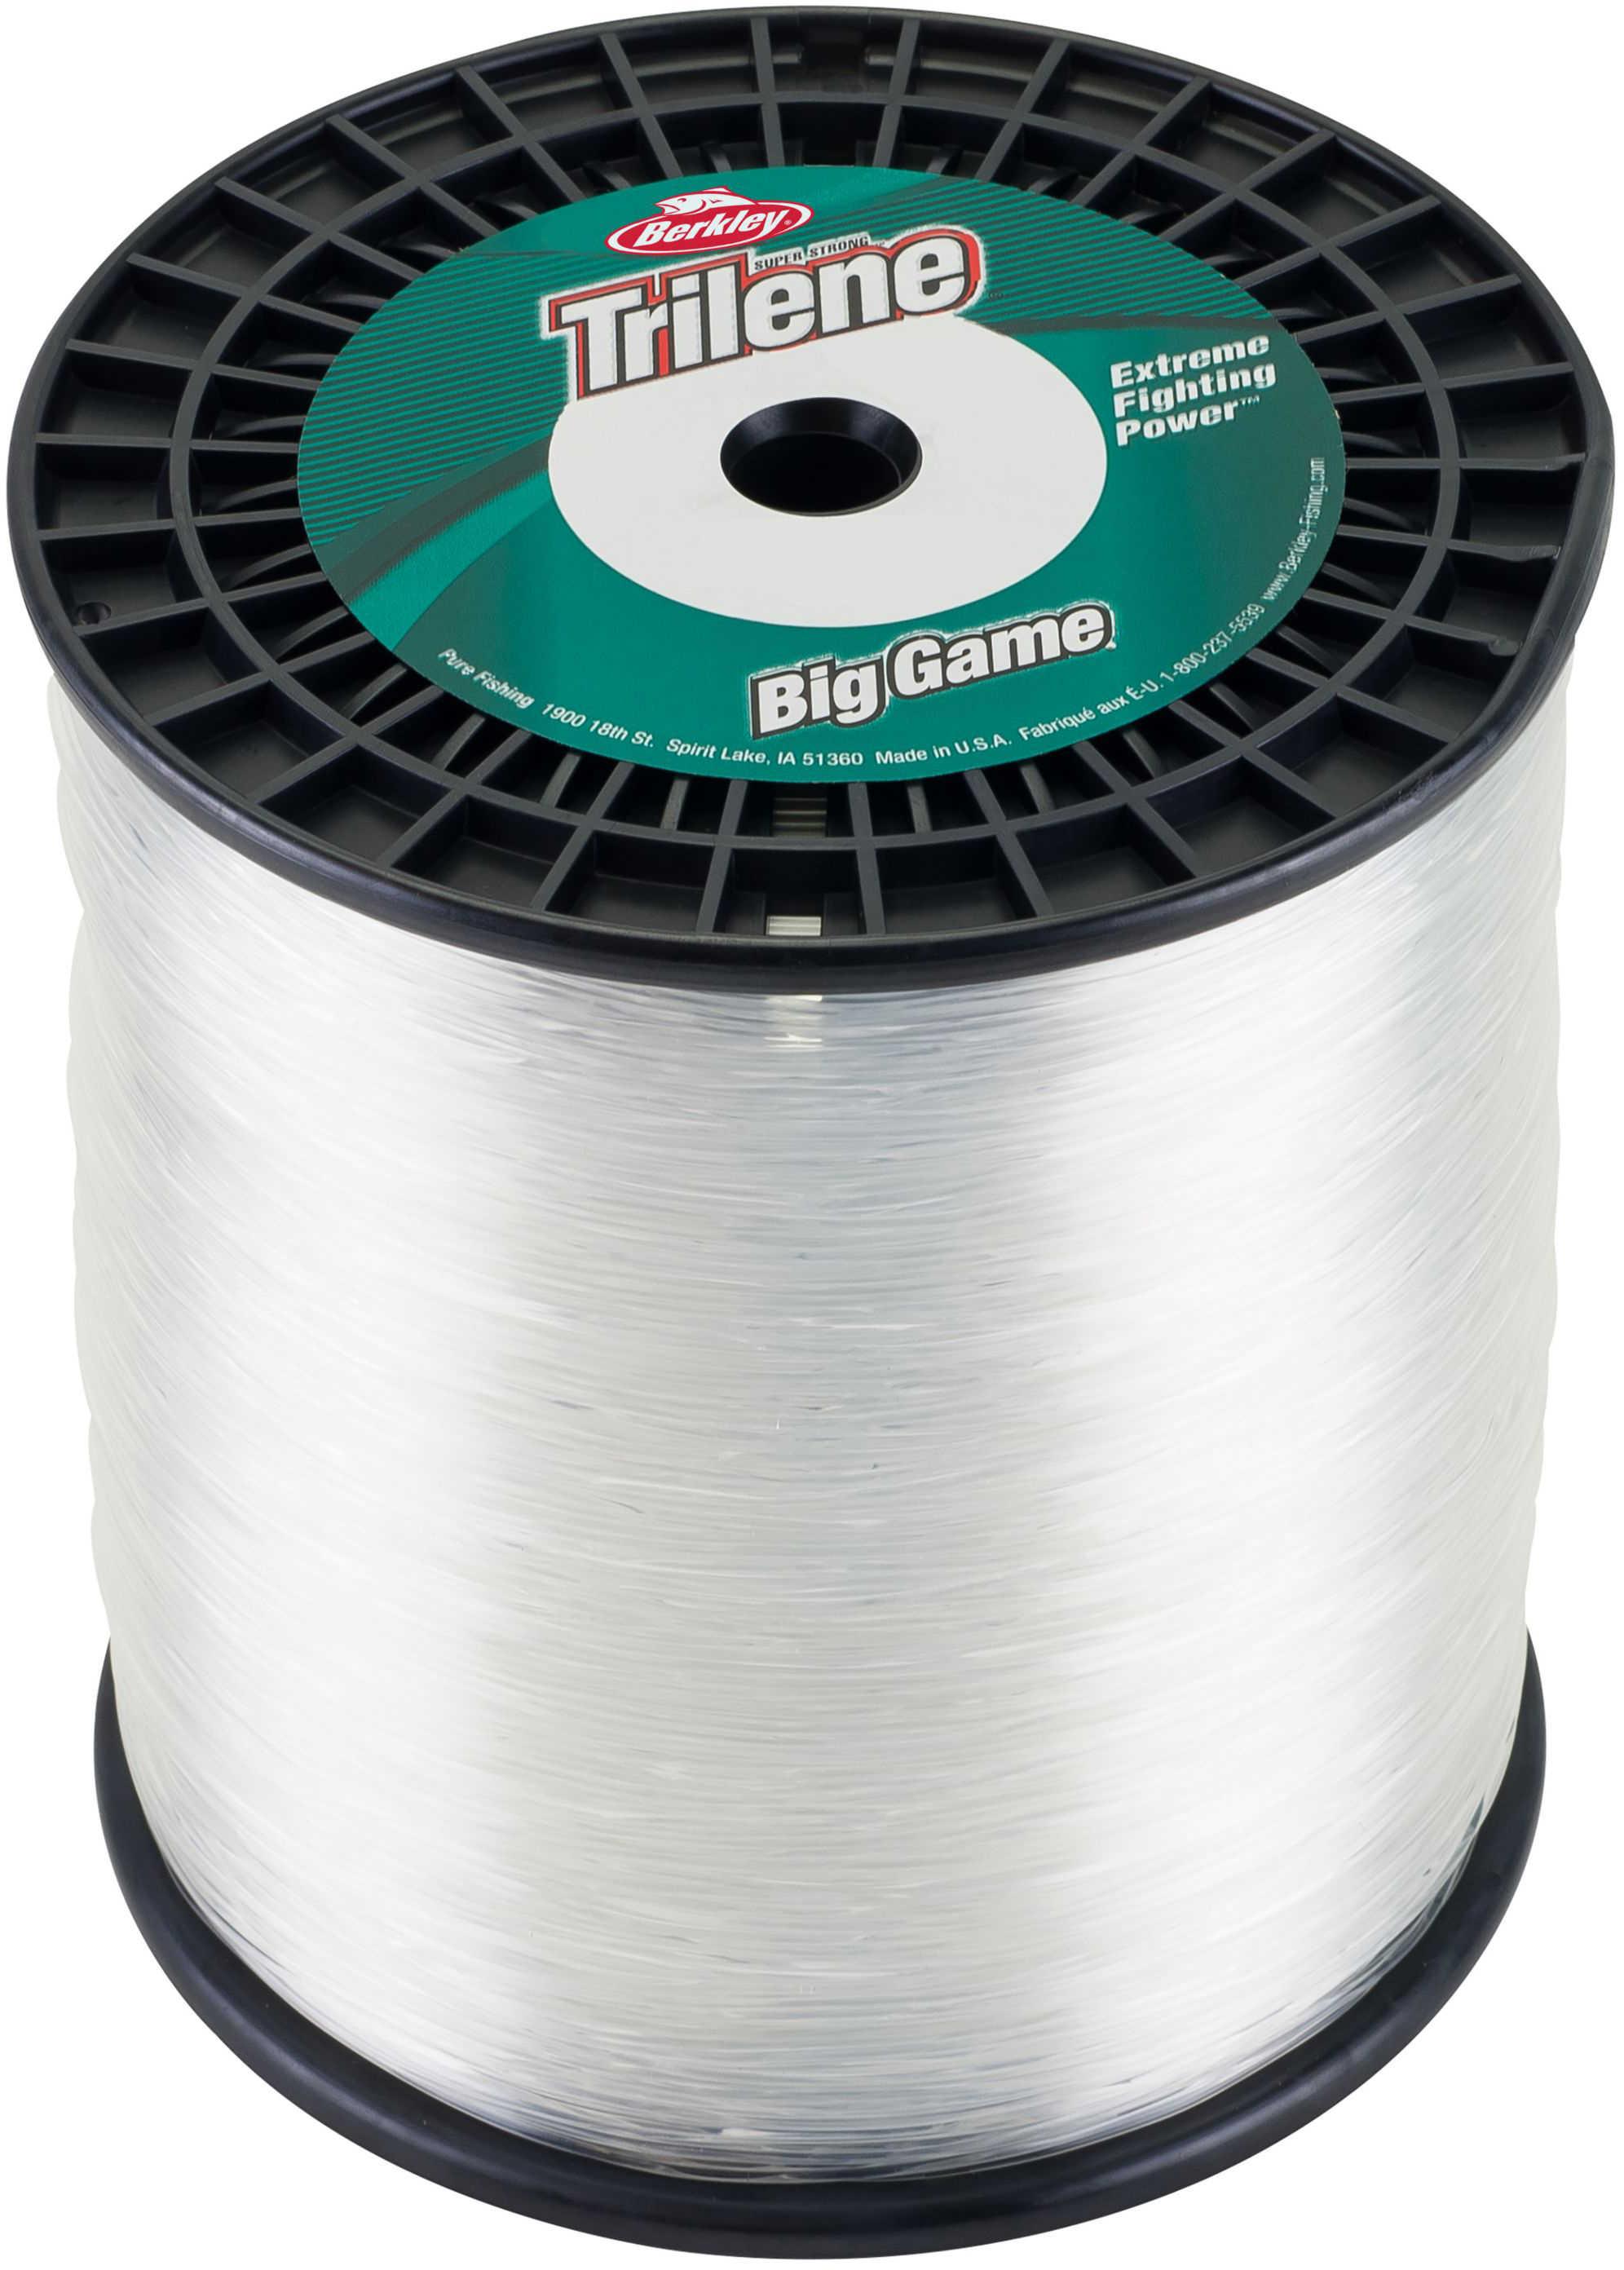 Berkley Big Game Line 5280yd 30# Clear Md#: BG3-30